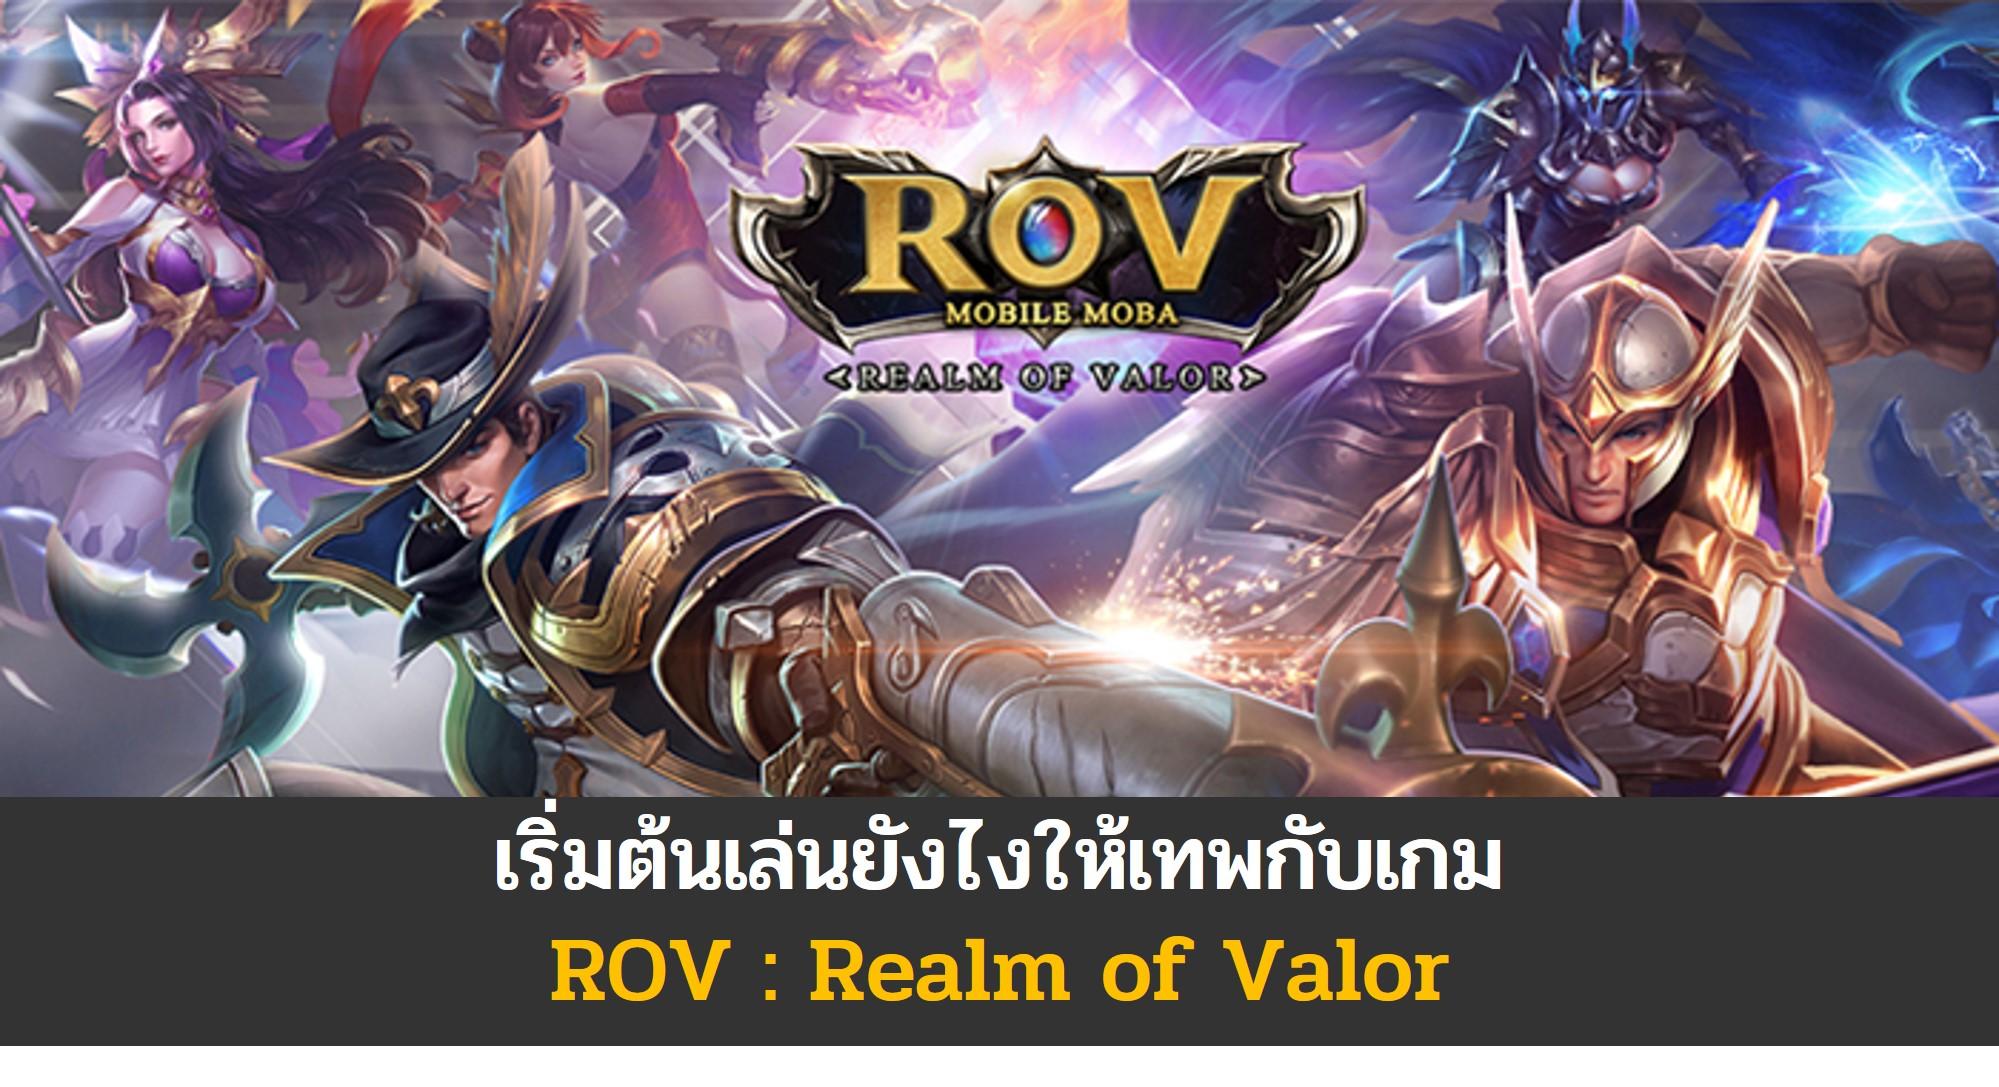 3 ข้อที่ต้องรู้ก่อนเล่นเกม ROV